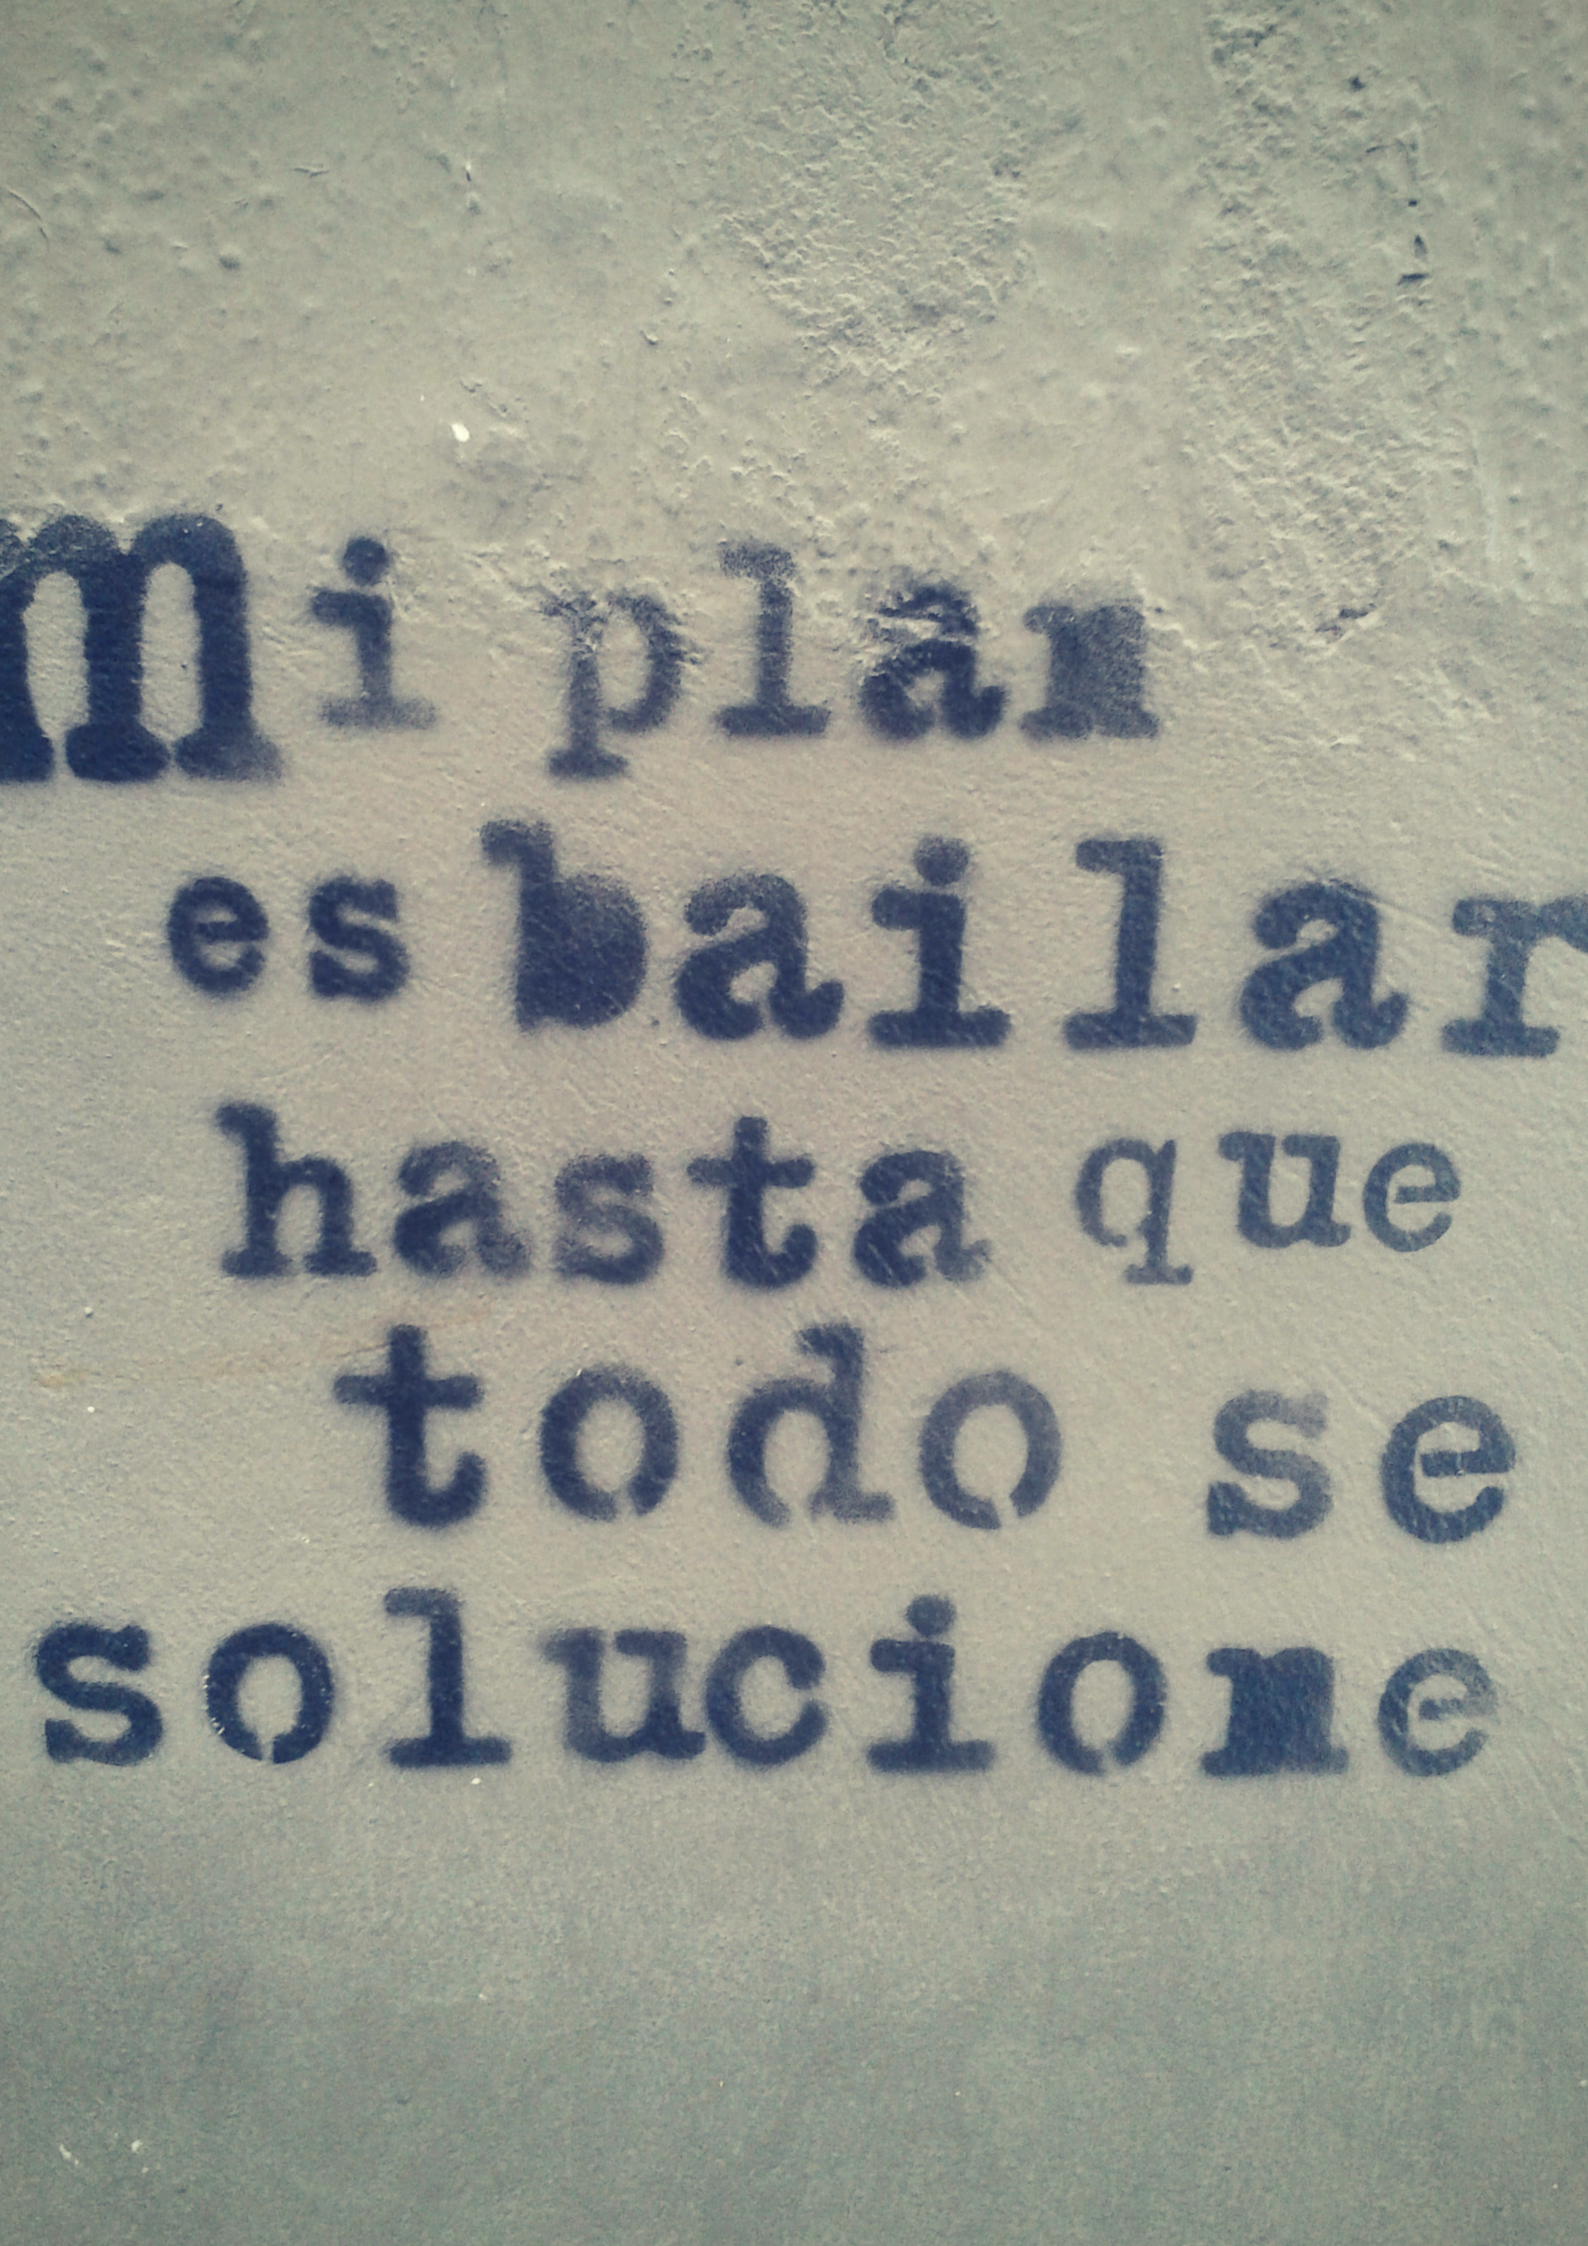 Mi plan es bailar hasta que todo se solucione.